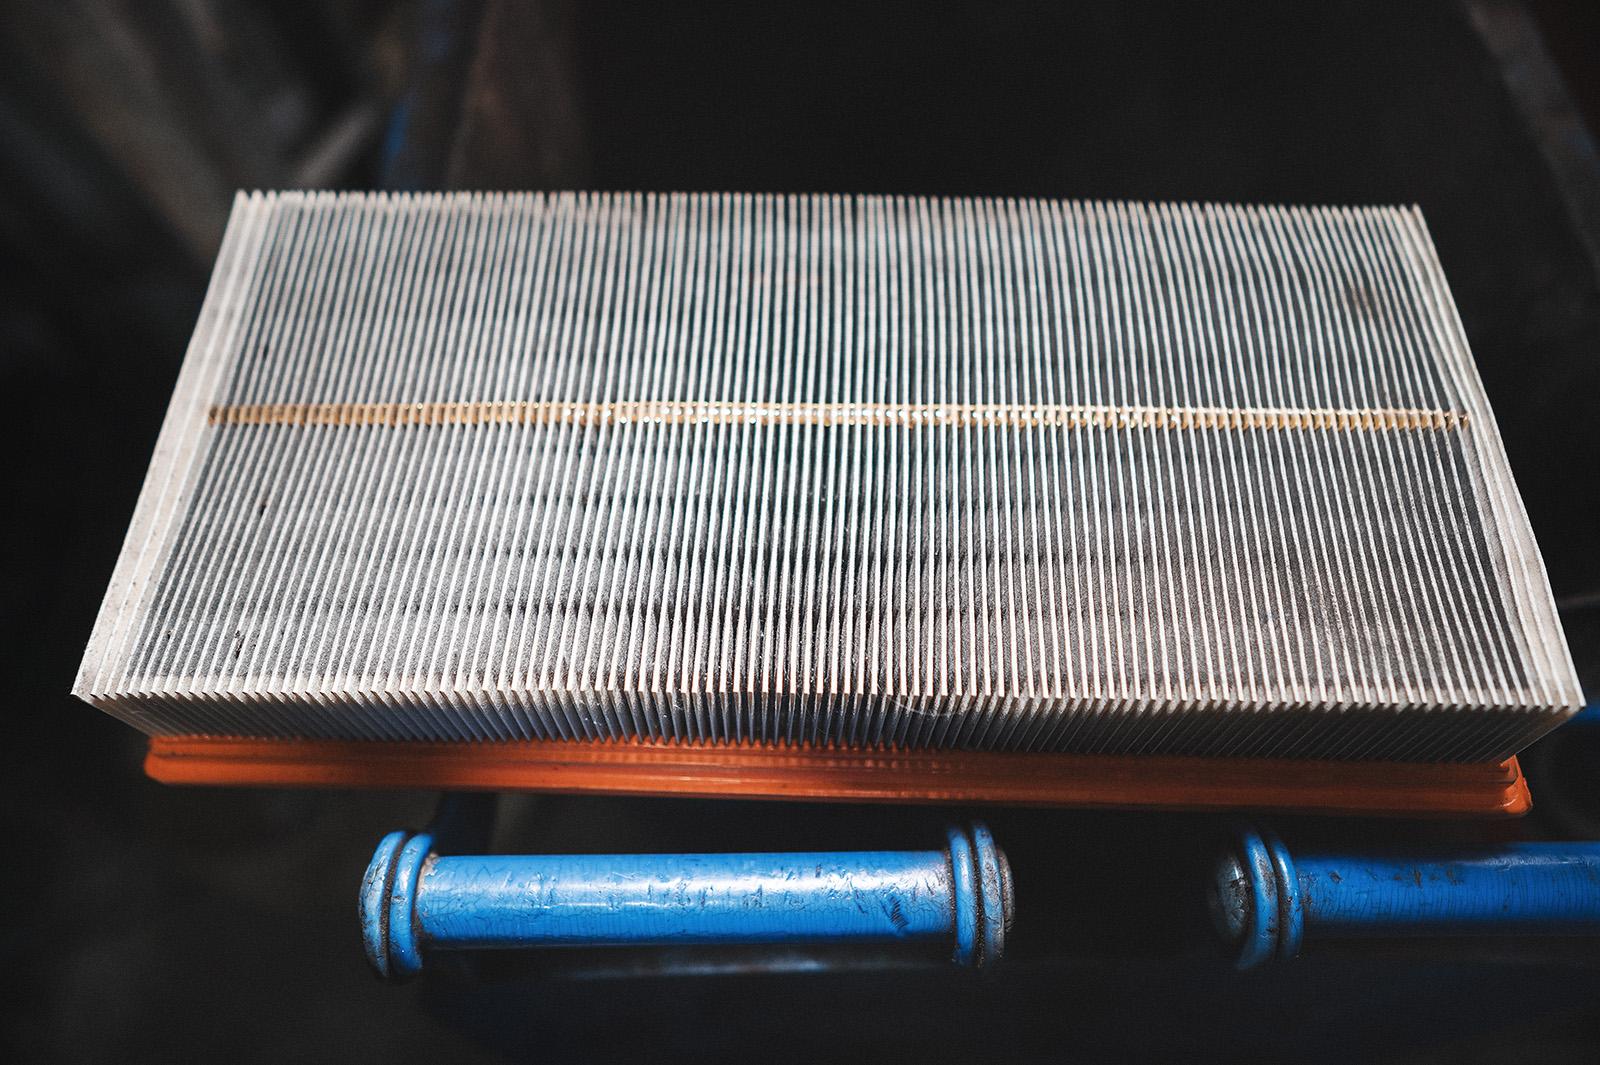 Воздушный фильтр после 7500 километров пробега